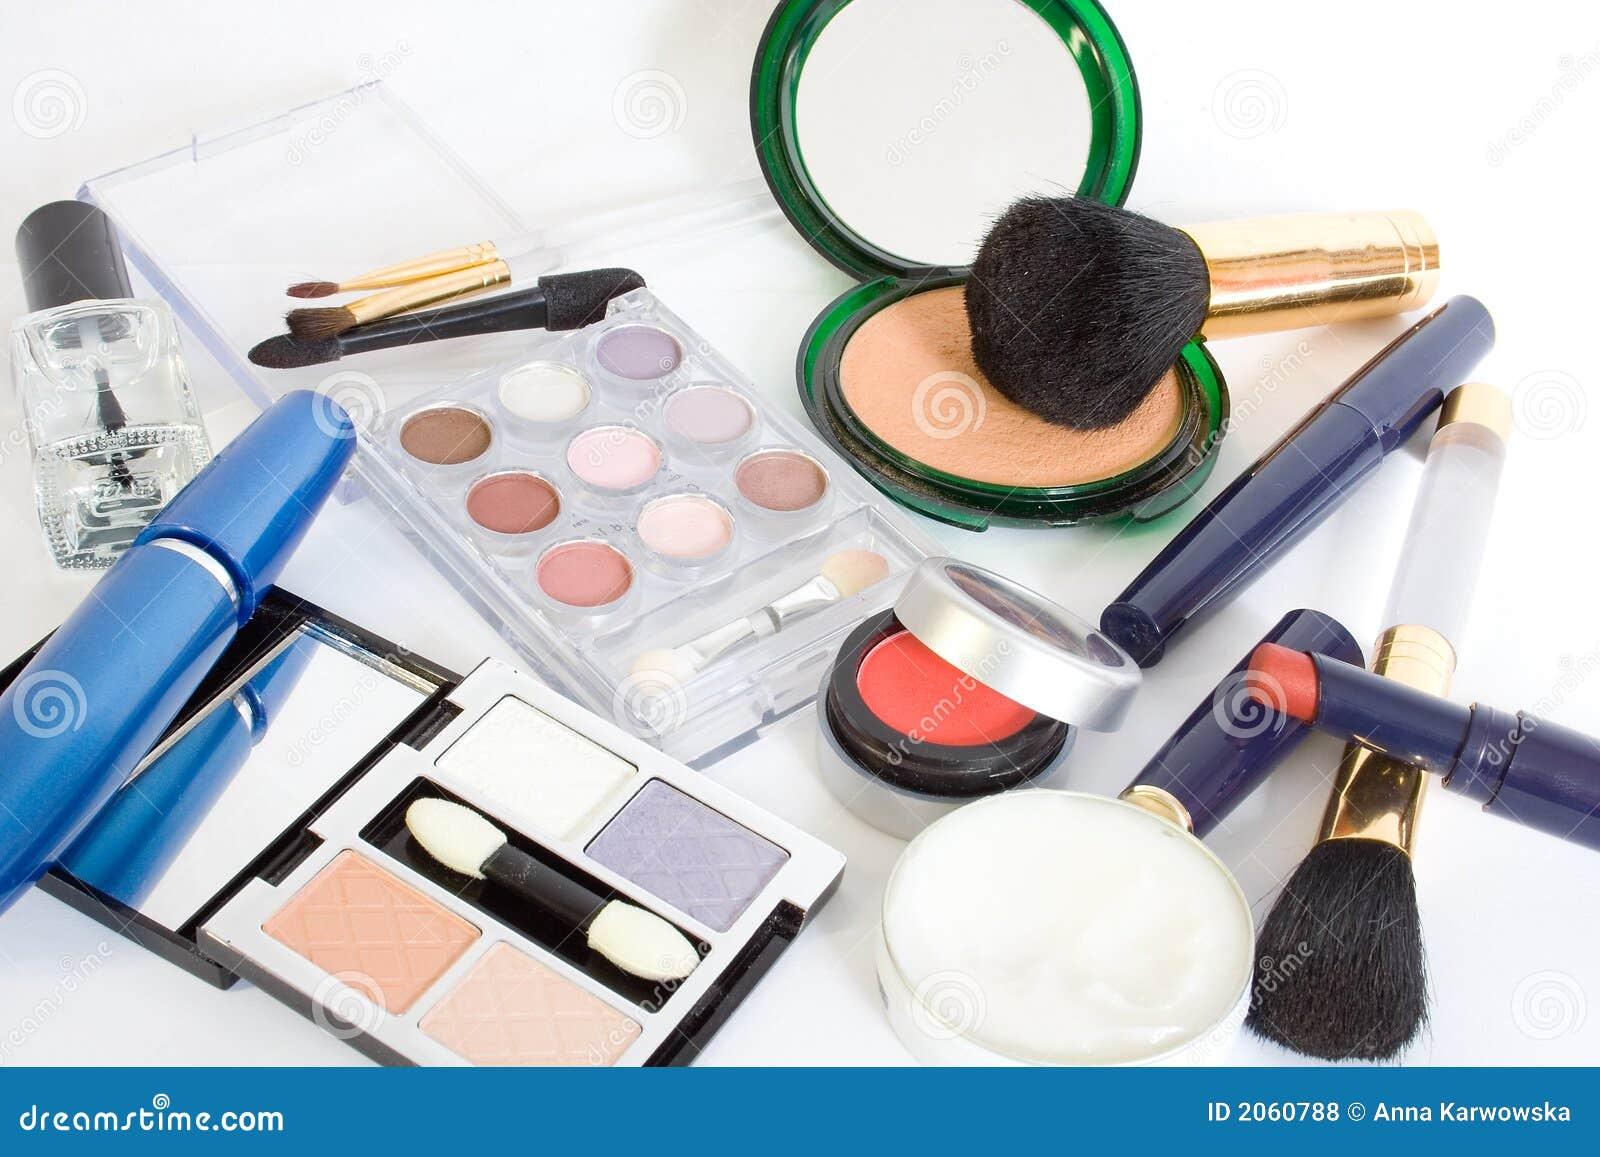 Можно конкурс на косметику? ask.fm/oopsssssssssssssss.